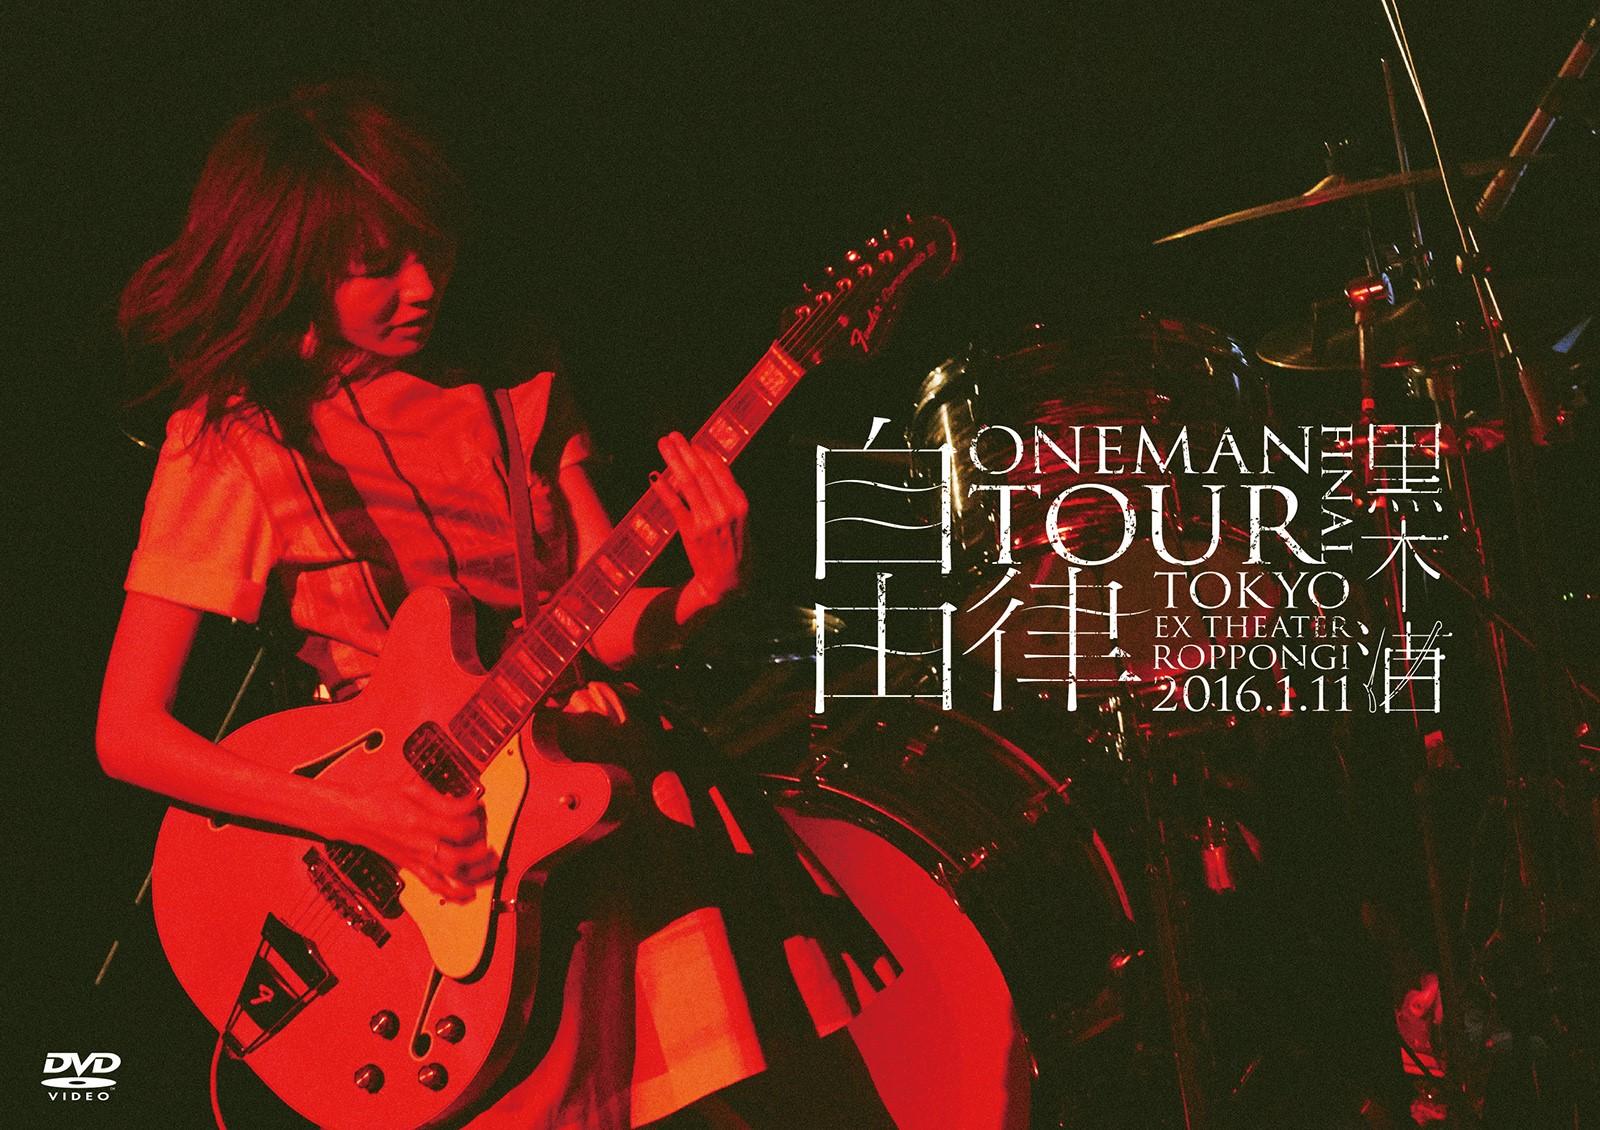 黒木渚_LIVE DVD 黒木渚 ONEMAN TOUR 「自由律」FINAL 2016.1.11 at EX THEATER ROPPONGI